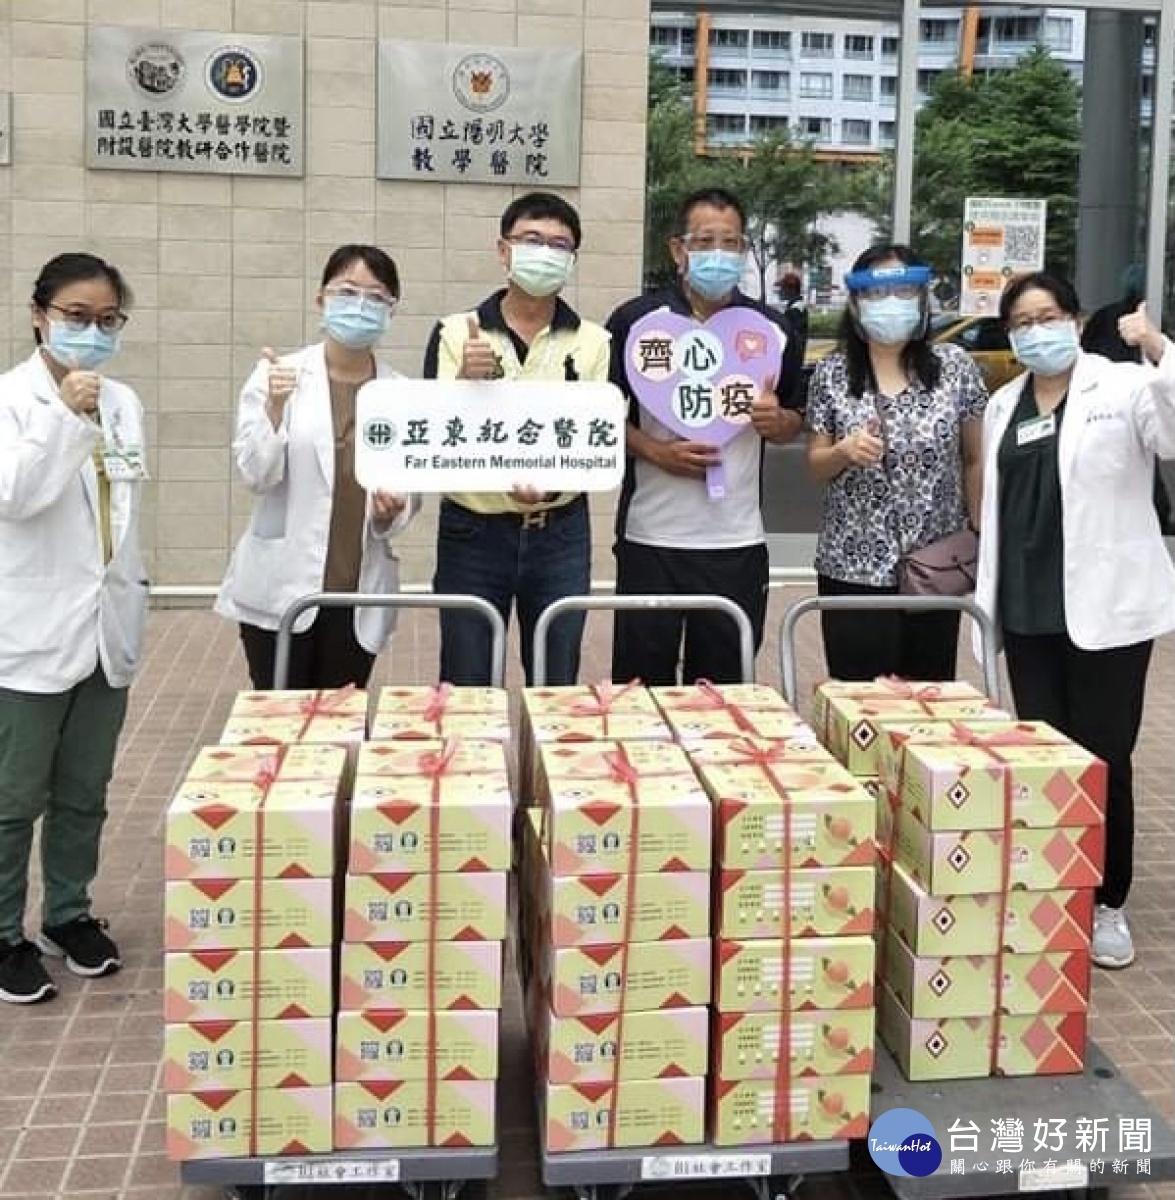 中原資管系發起認購拉拉山水蜜桃 「疫起挺醫護、助小農」